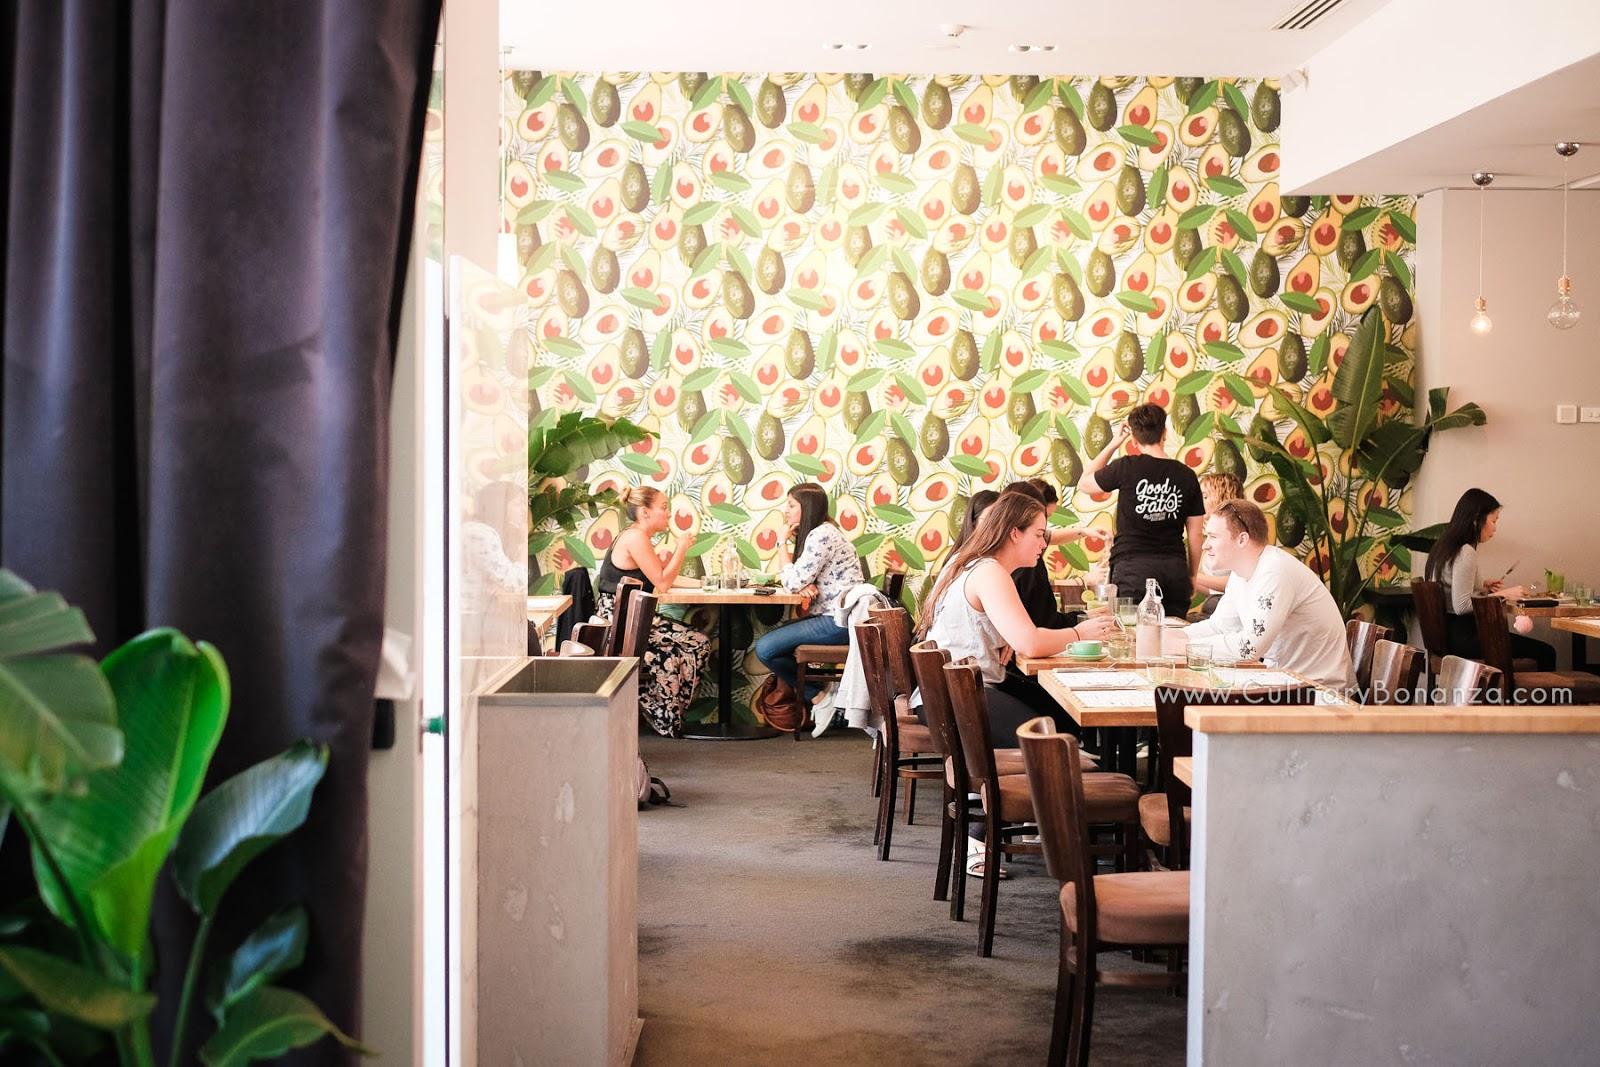 Good Fat by Australian Avocados Pop Up Cafe Sydney (www.culinarybonanza.com)